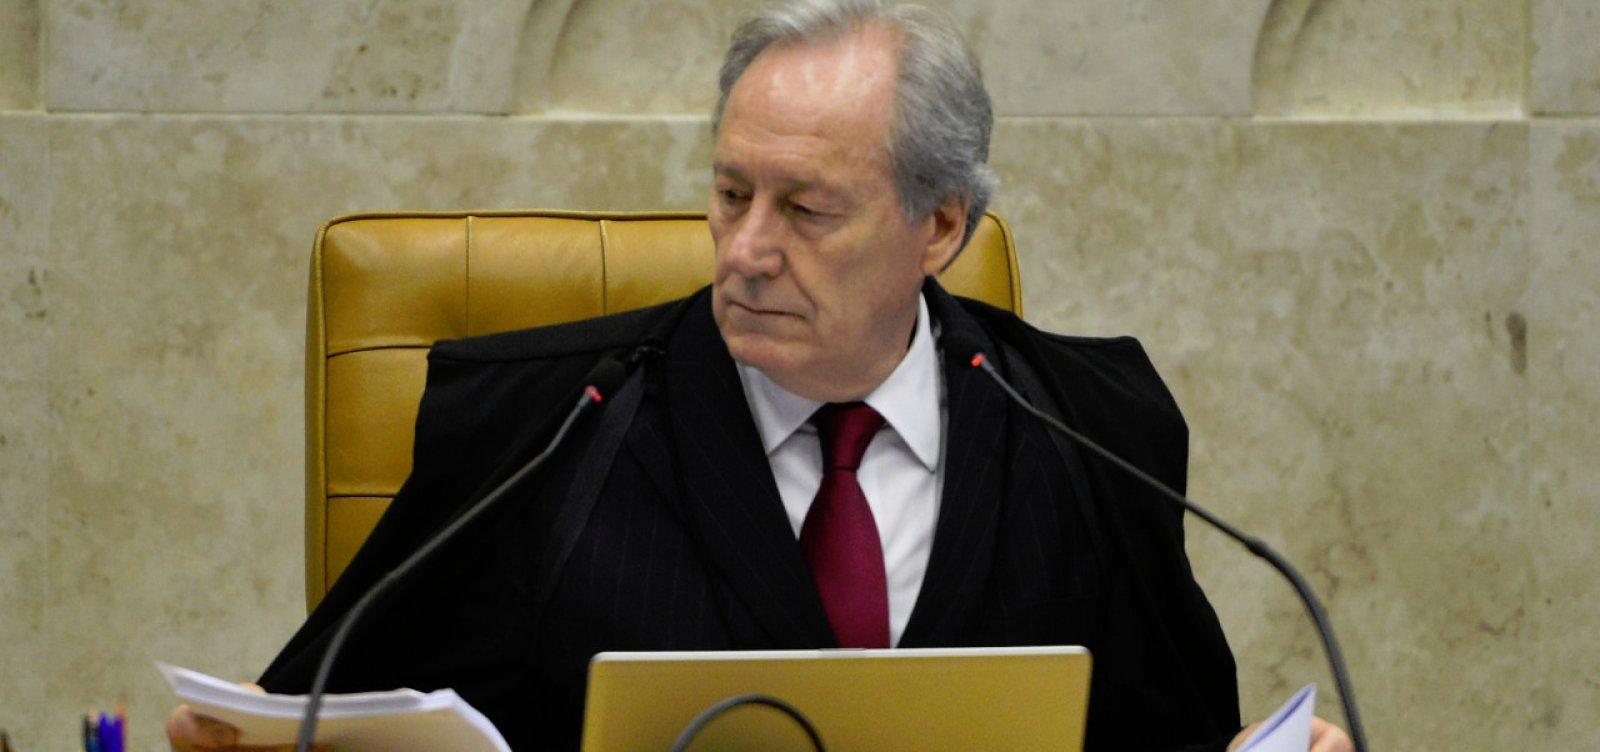 Lewandowski diz que vai 'procurar liberar' recurso de Lula até semana que vem